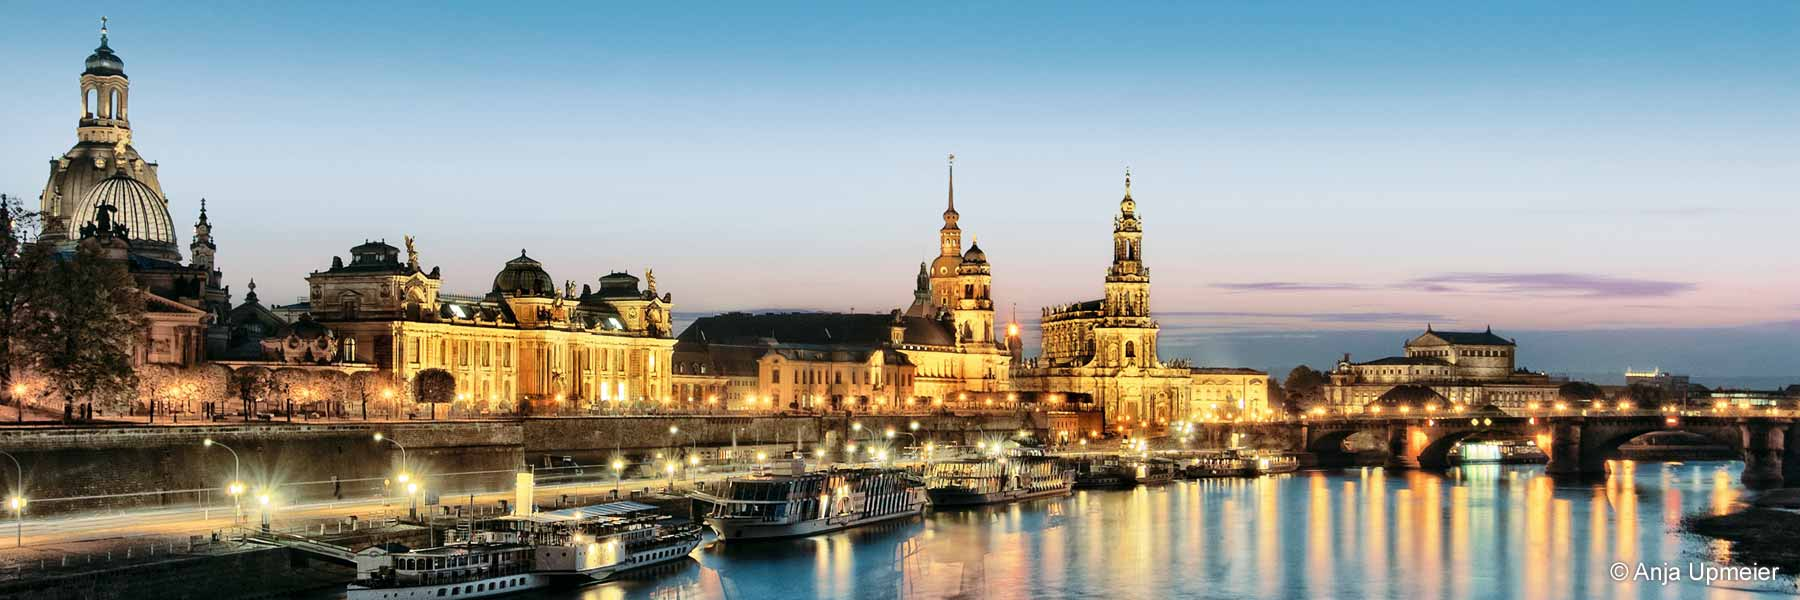 Dresden 1900 Museumsgastronomie